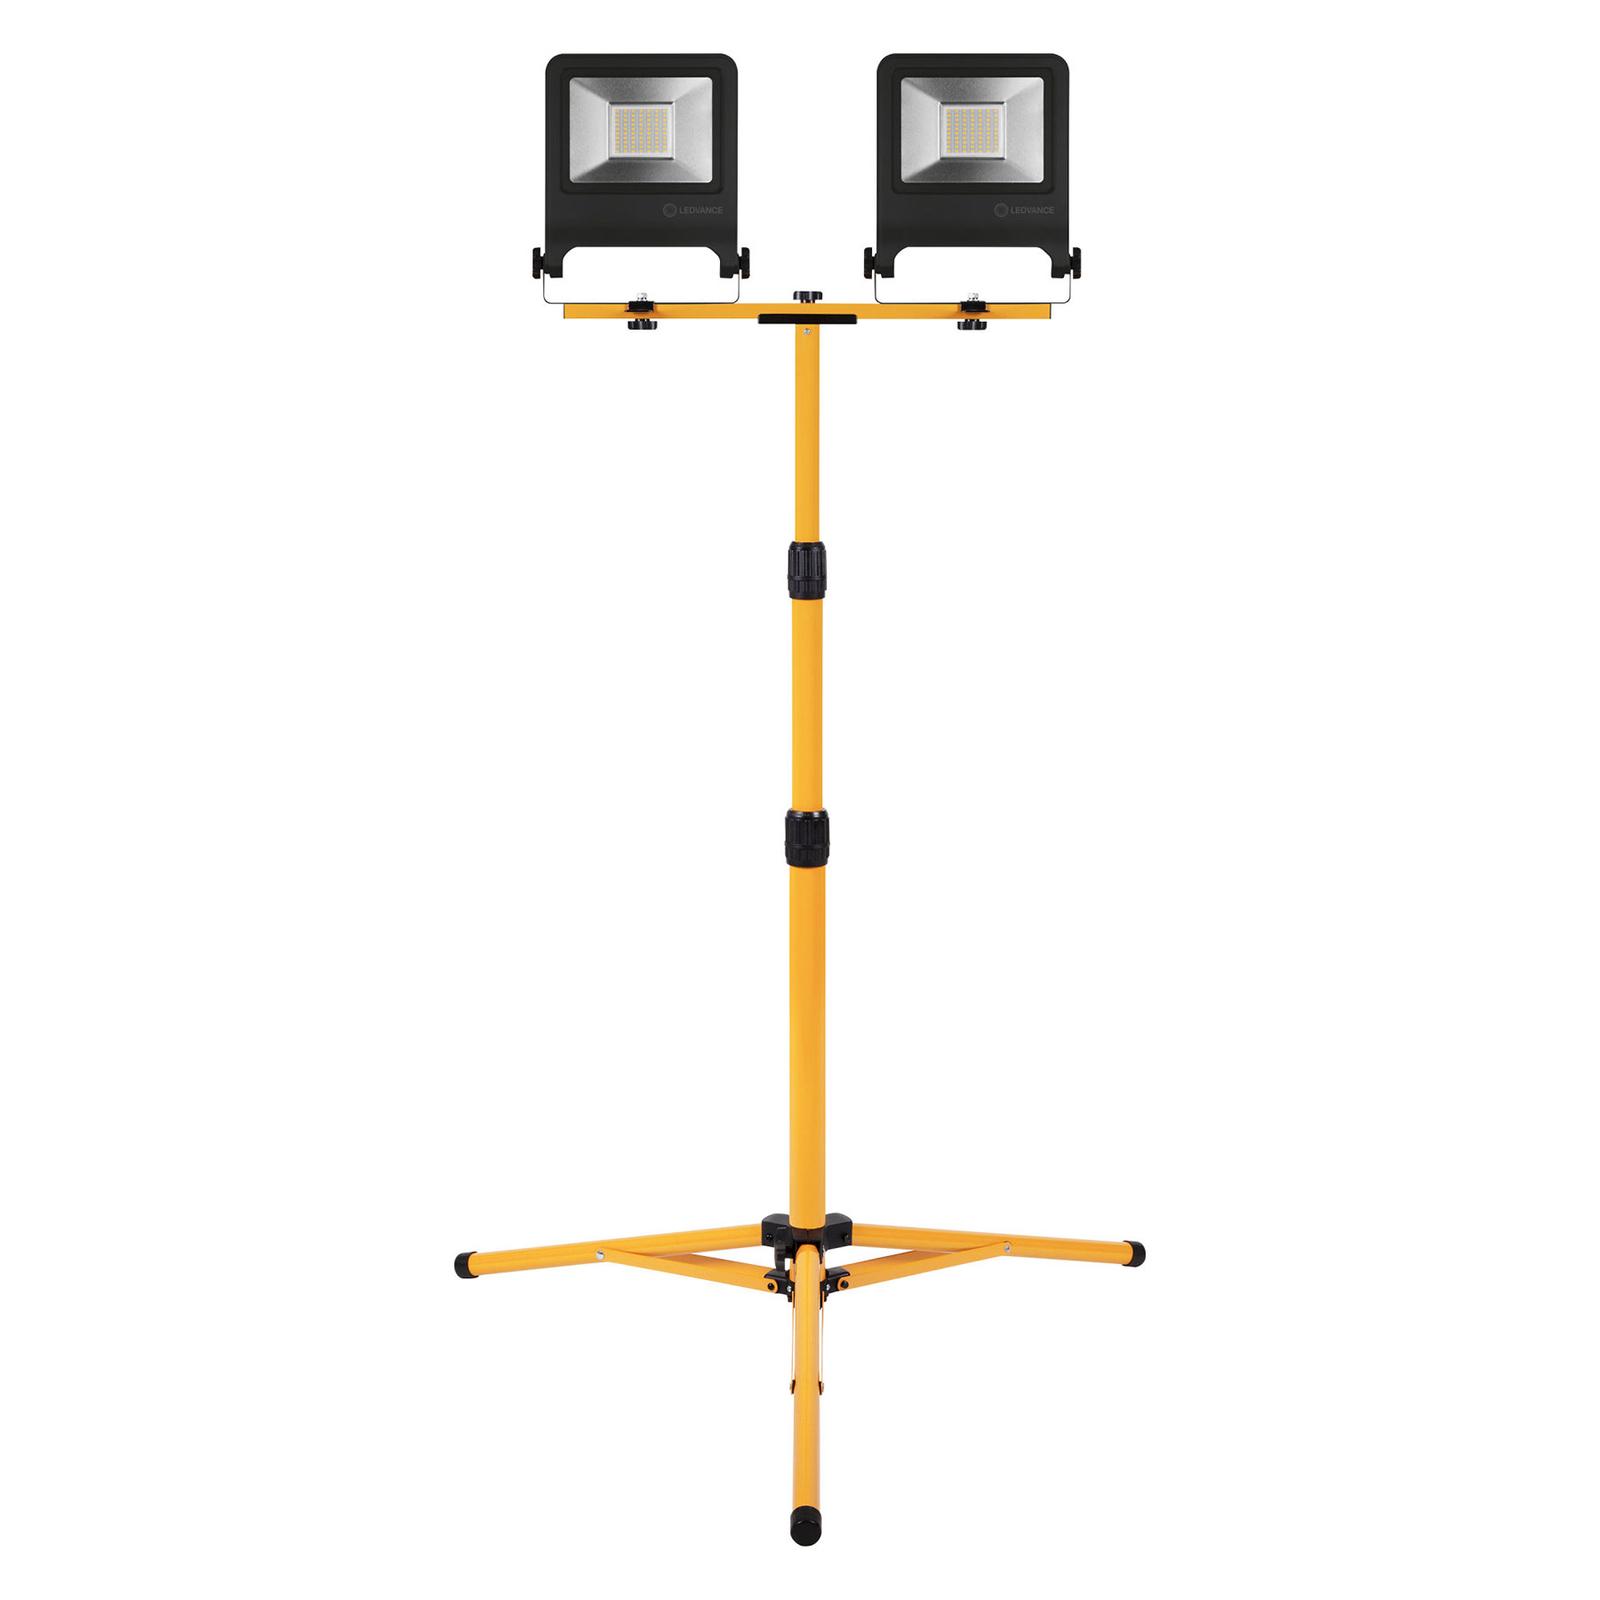 LEDVANCE Value 3Pod LED-Baustrahler, zweiflammig